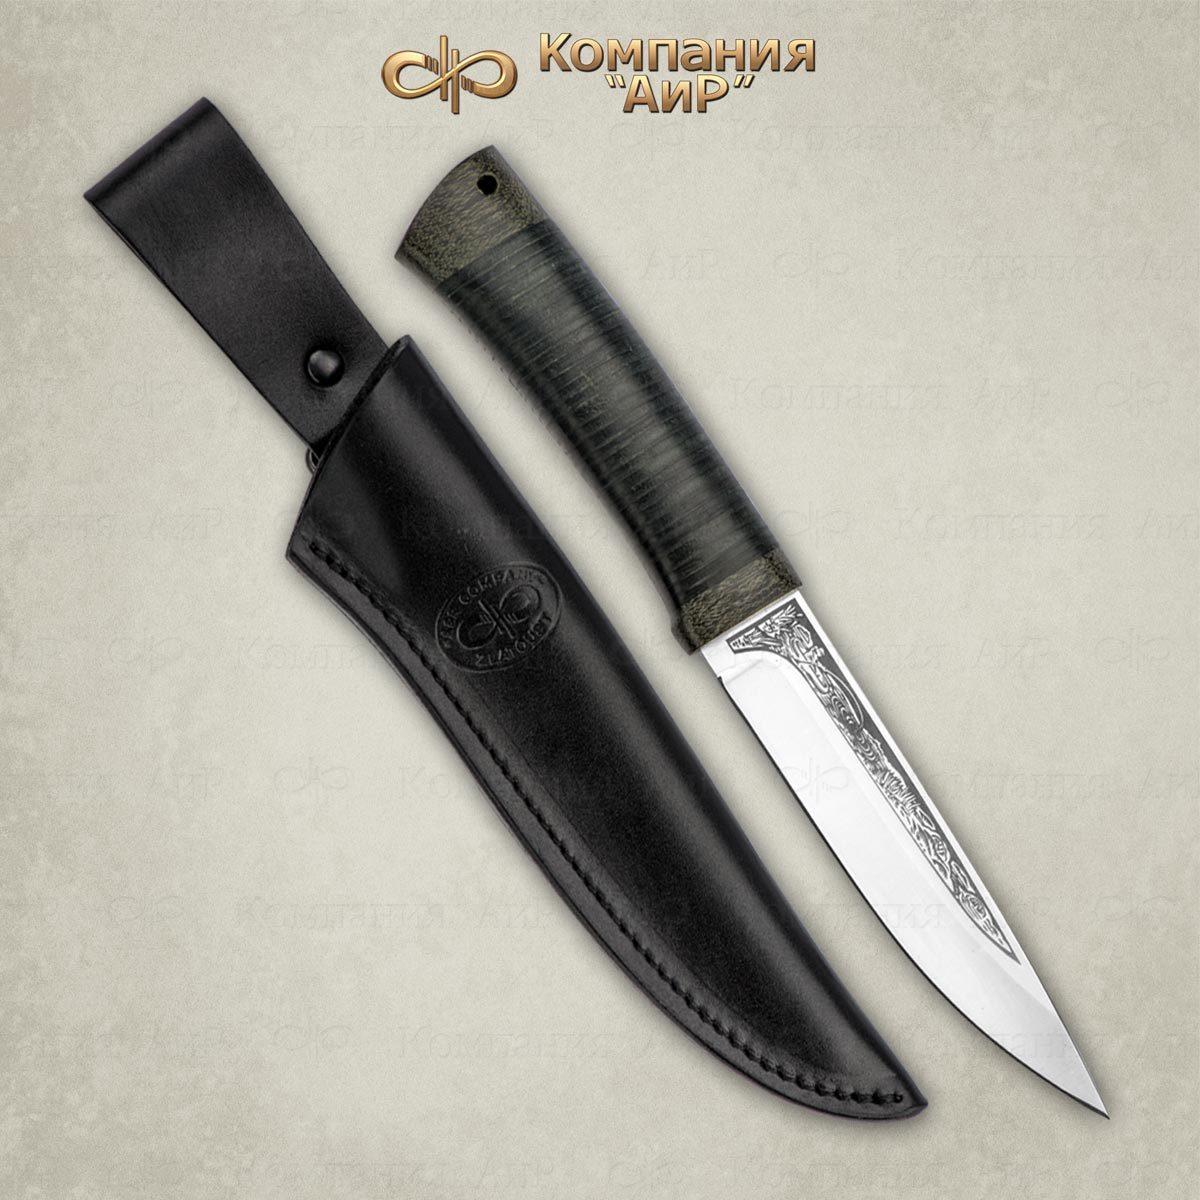 Фото 4 - Нож Пескарь, кожа, 95х18 от АиР